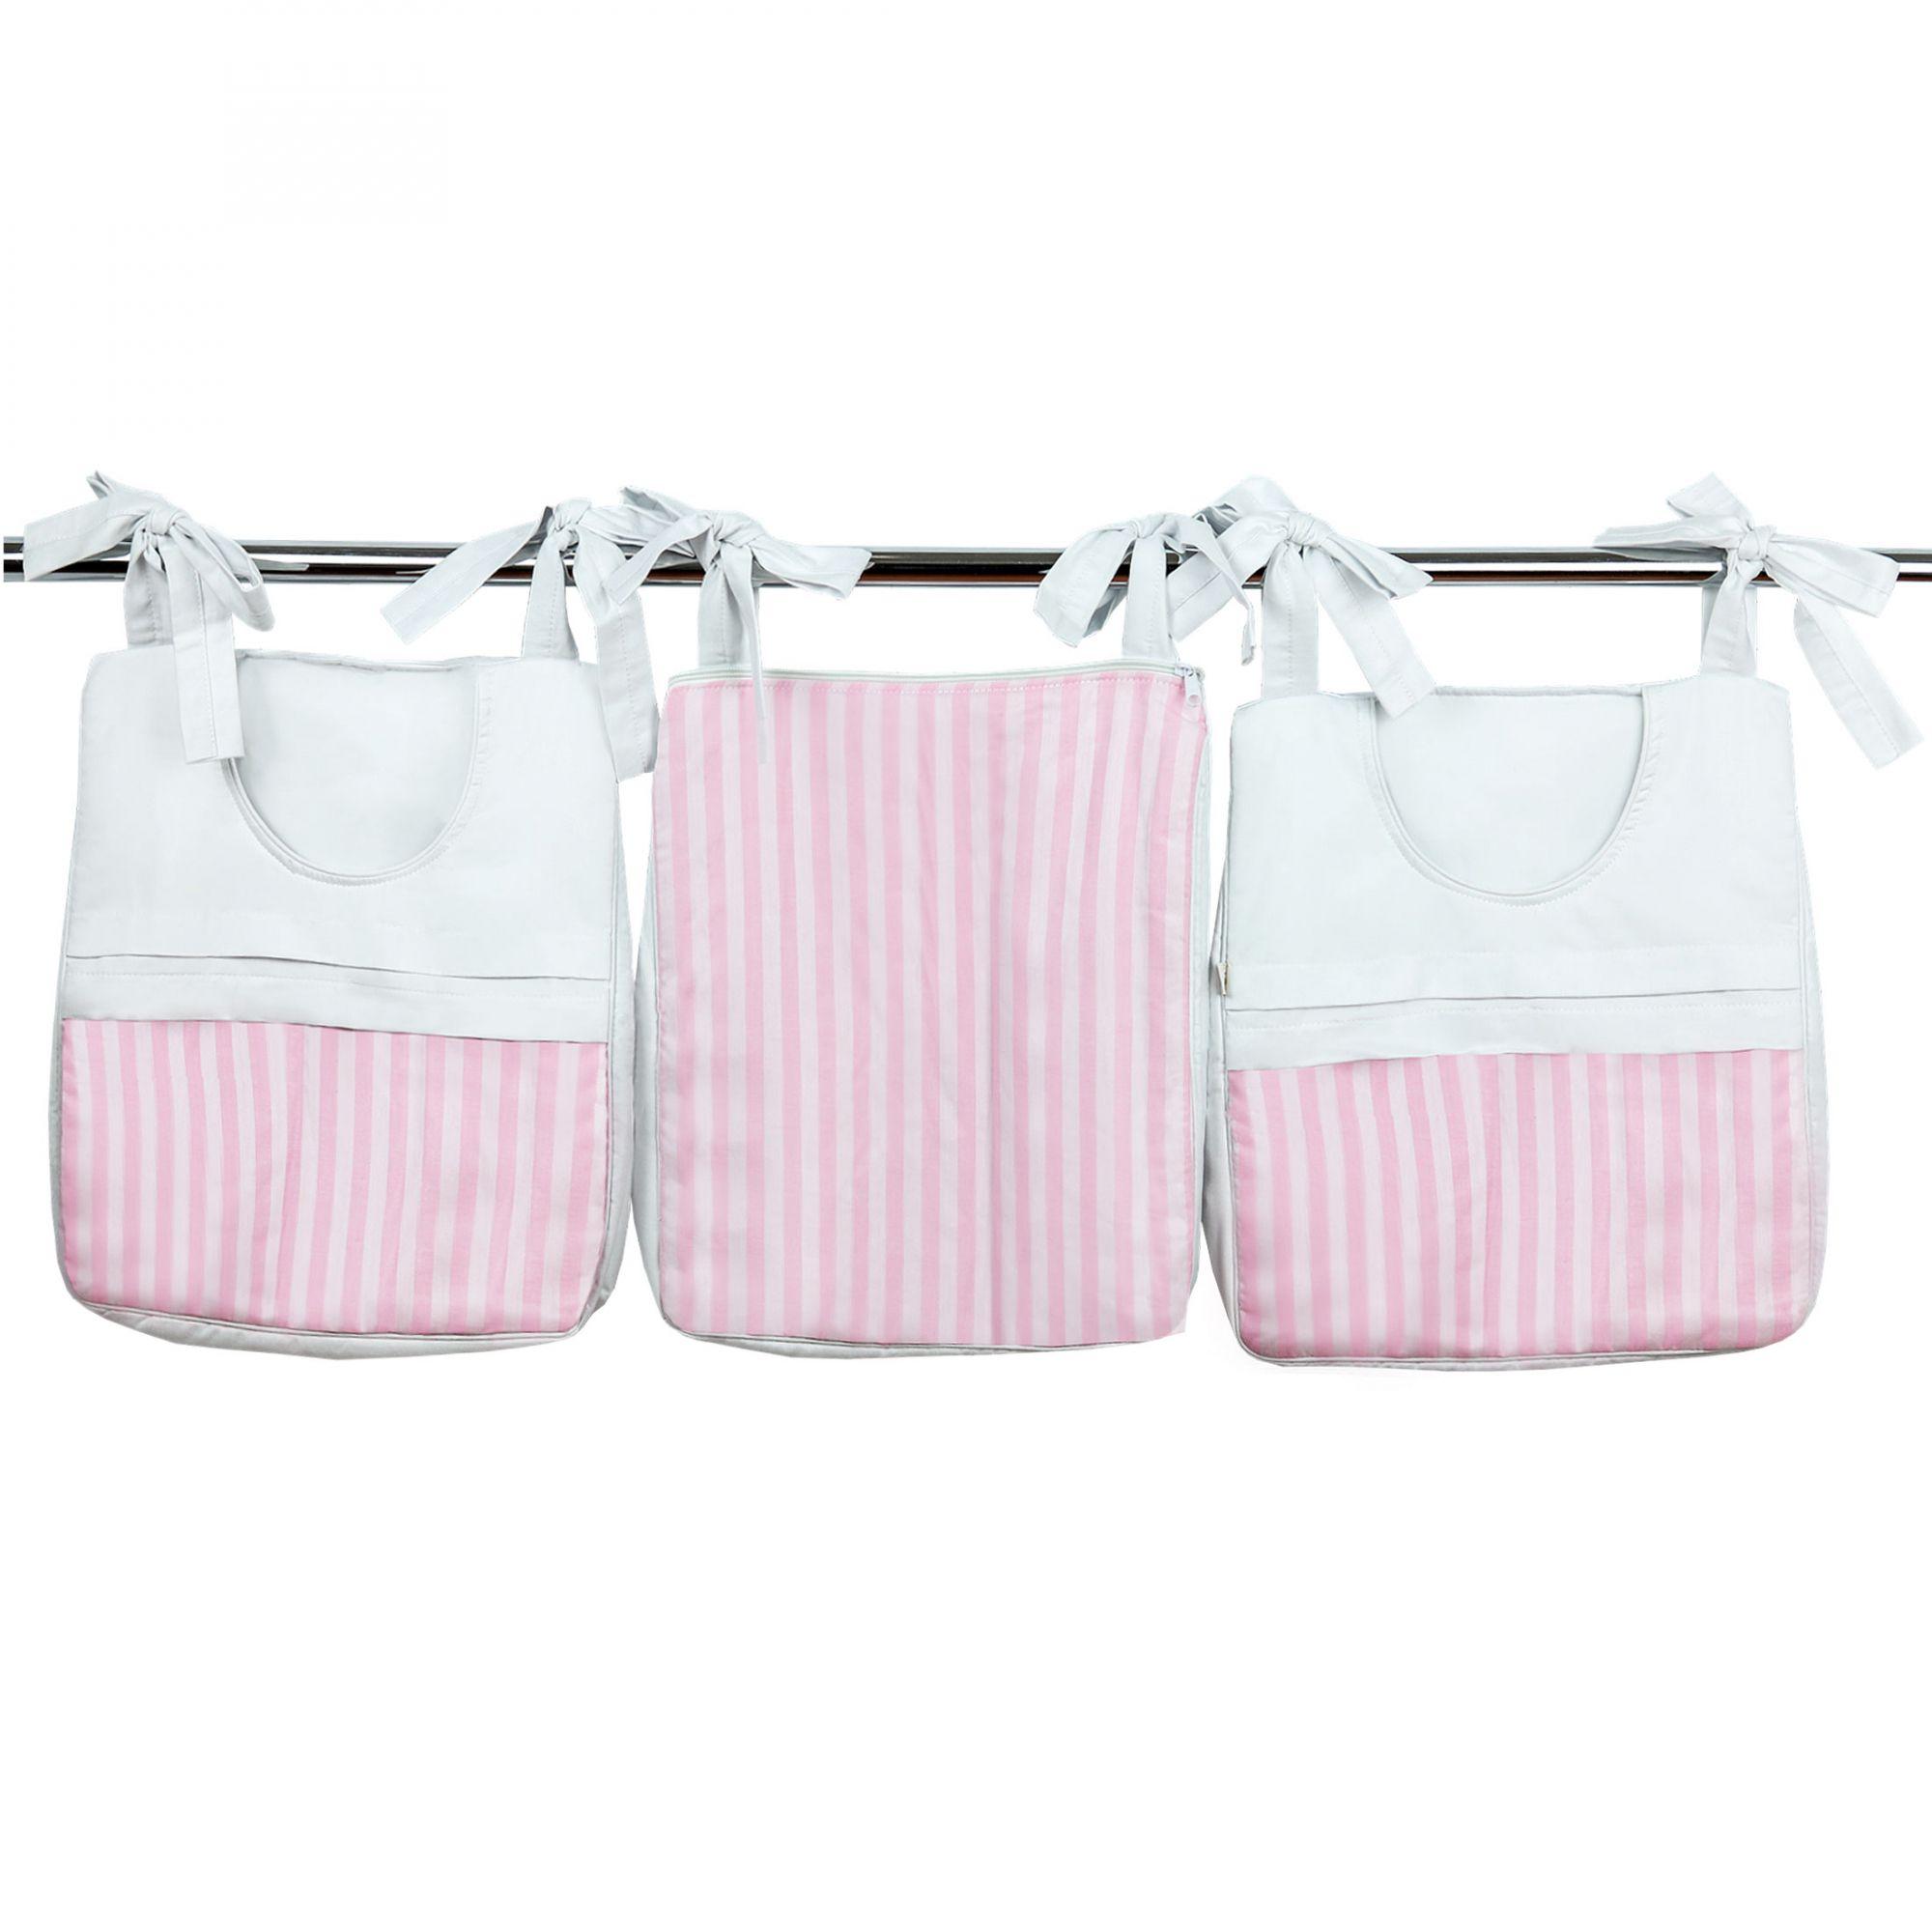 Porta Fraldas e Trecos 3 Peças Percal 300 Fios Listrado Rosa Pink e Branco para Varão